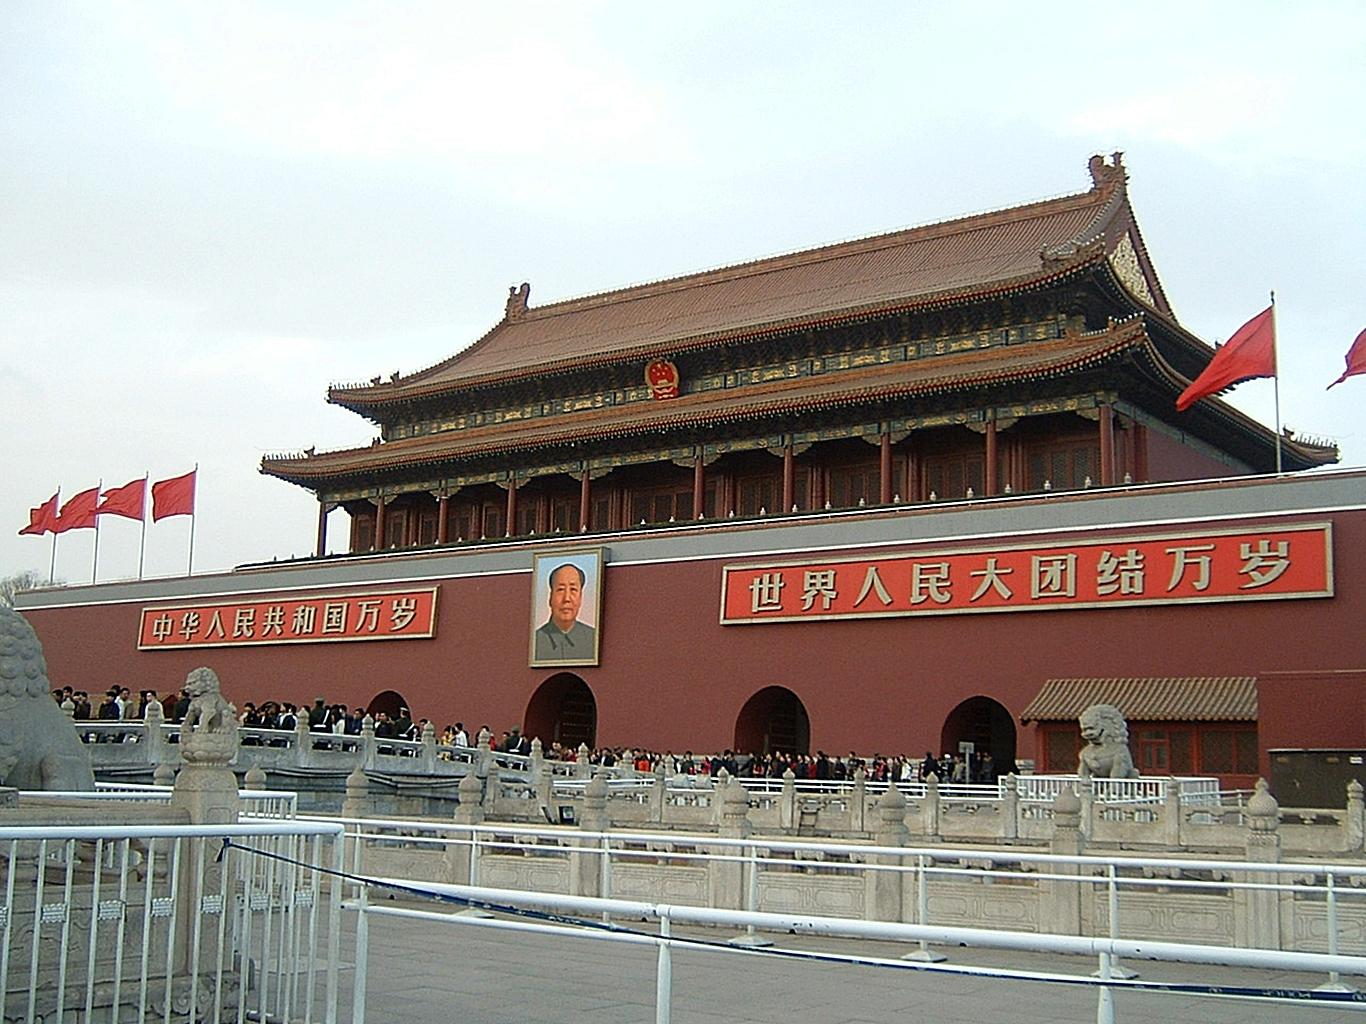 今日的北京~中華人民共和国万歳の巻~』北京(中国)の旅行記・ブログ ...